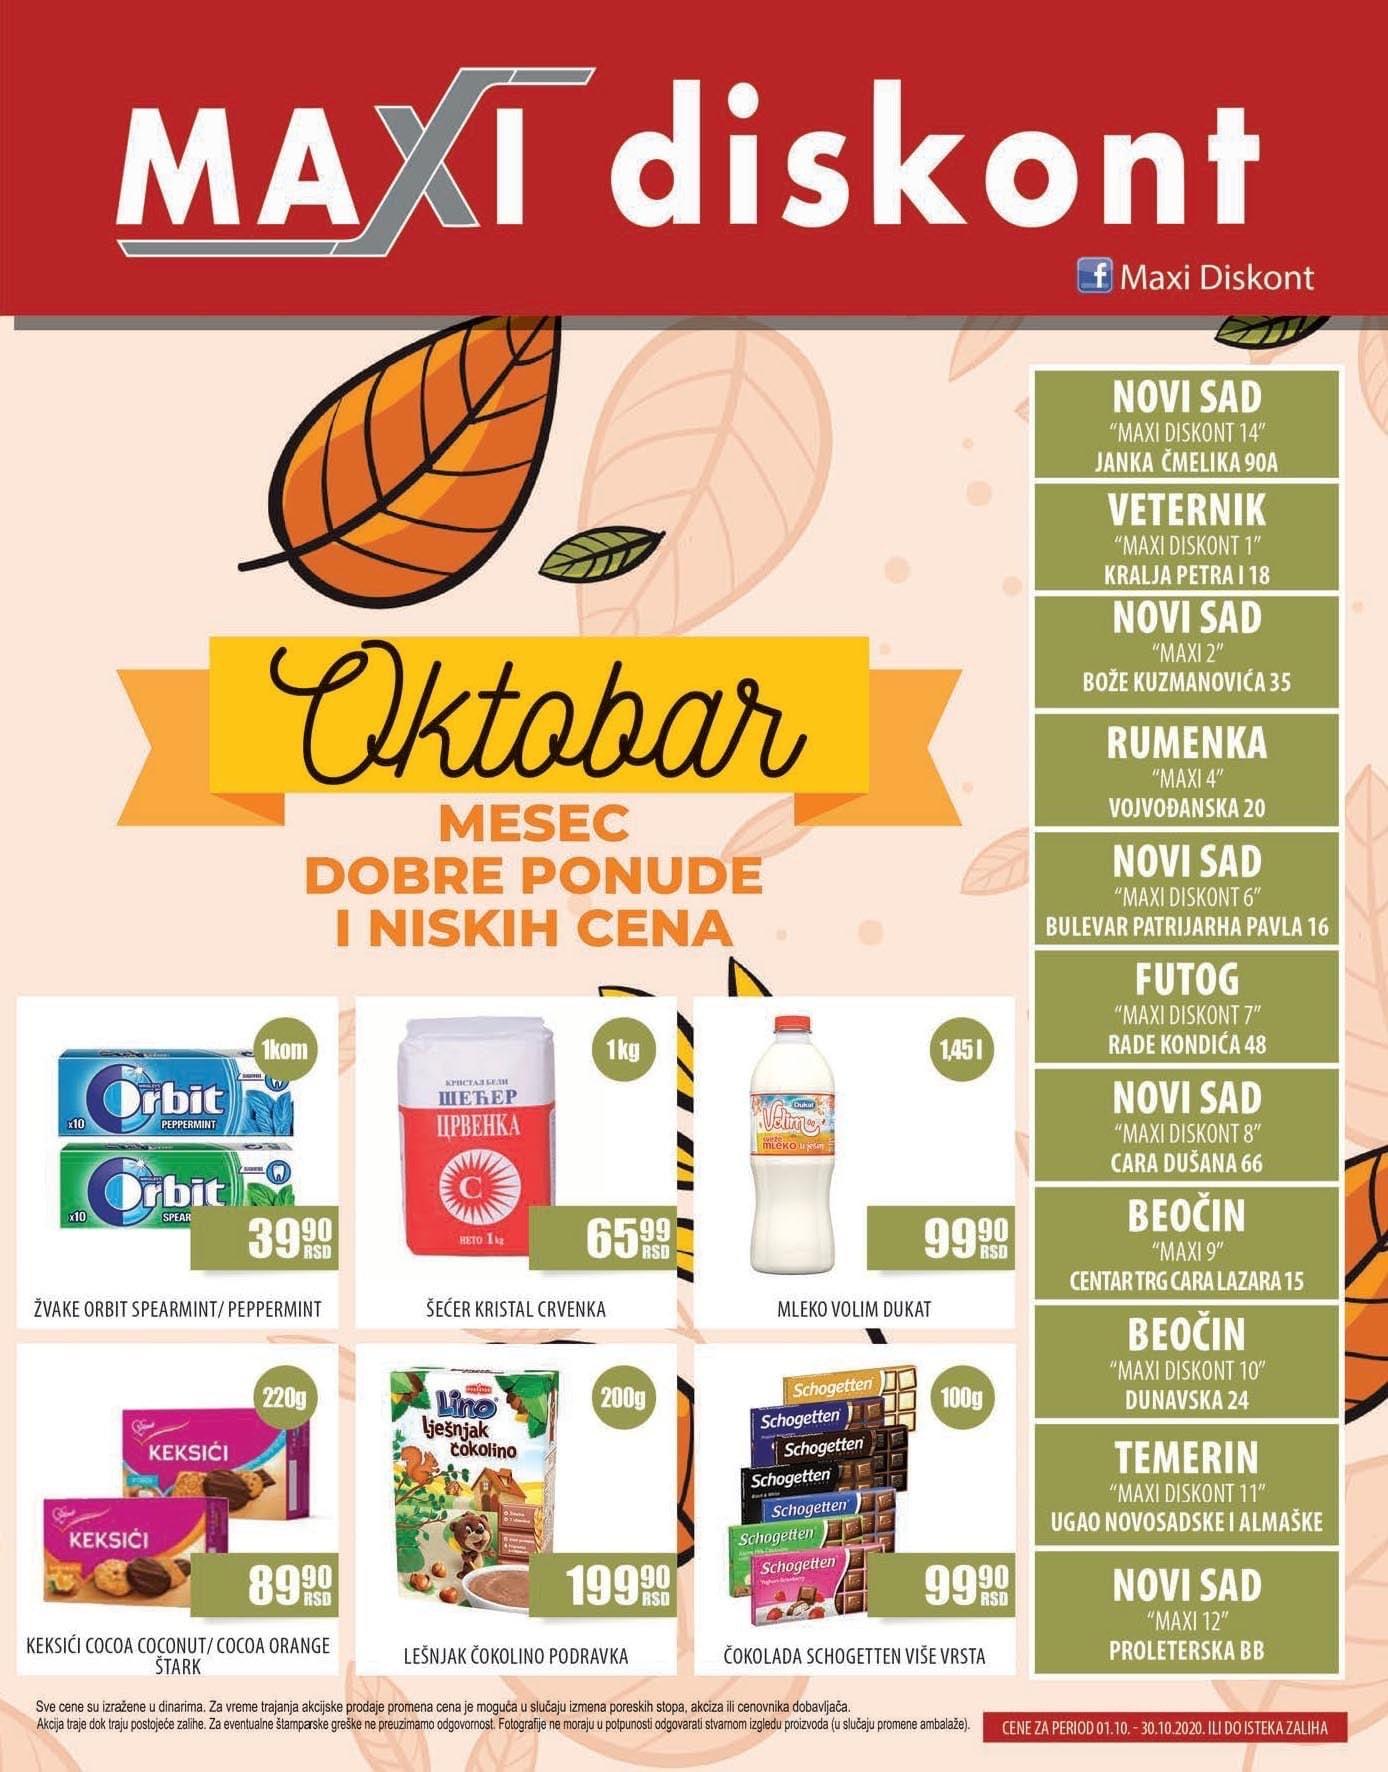 Maxi diskont -novi akcijski katalog